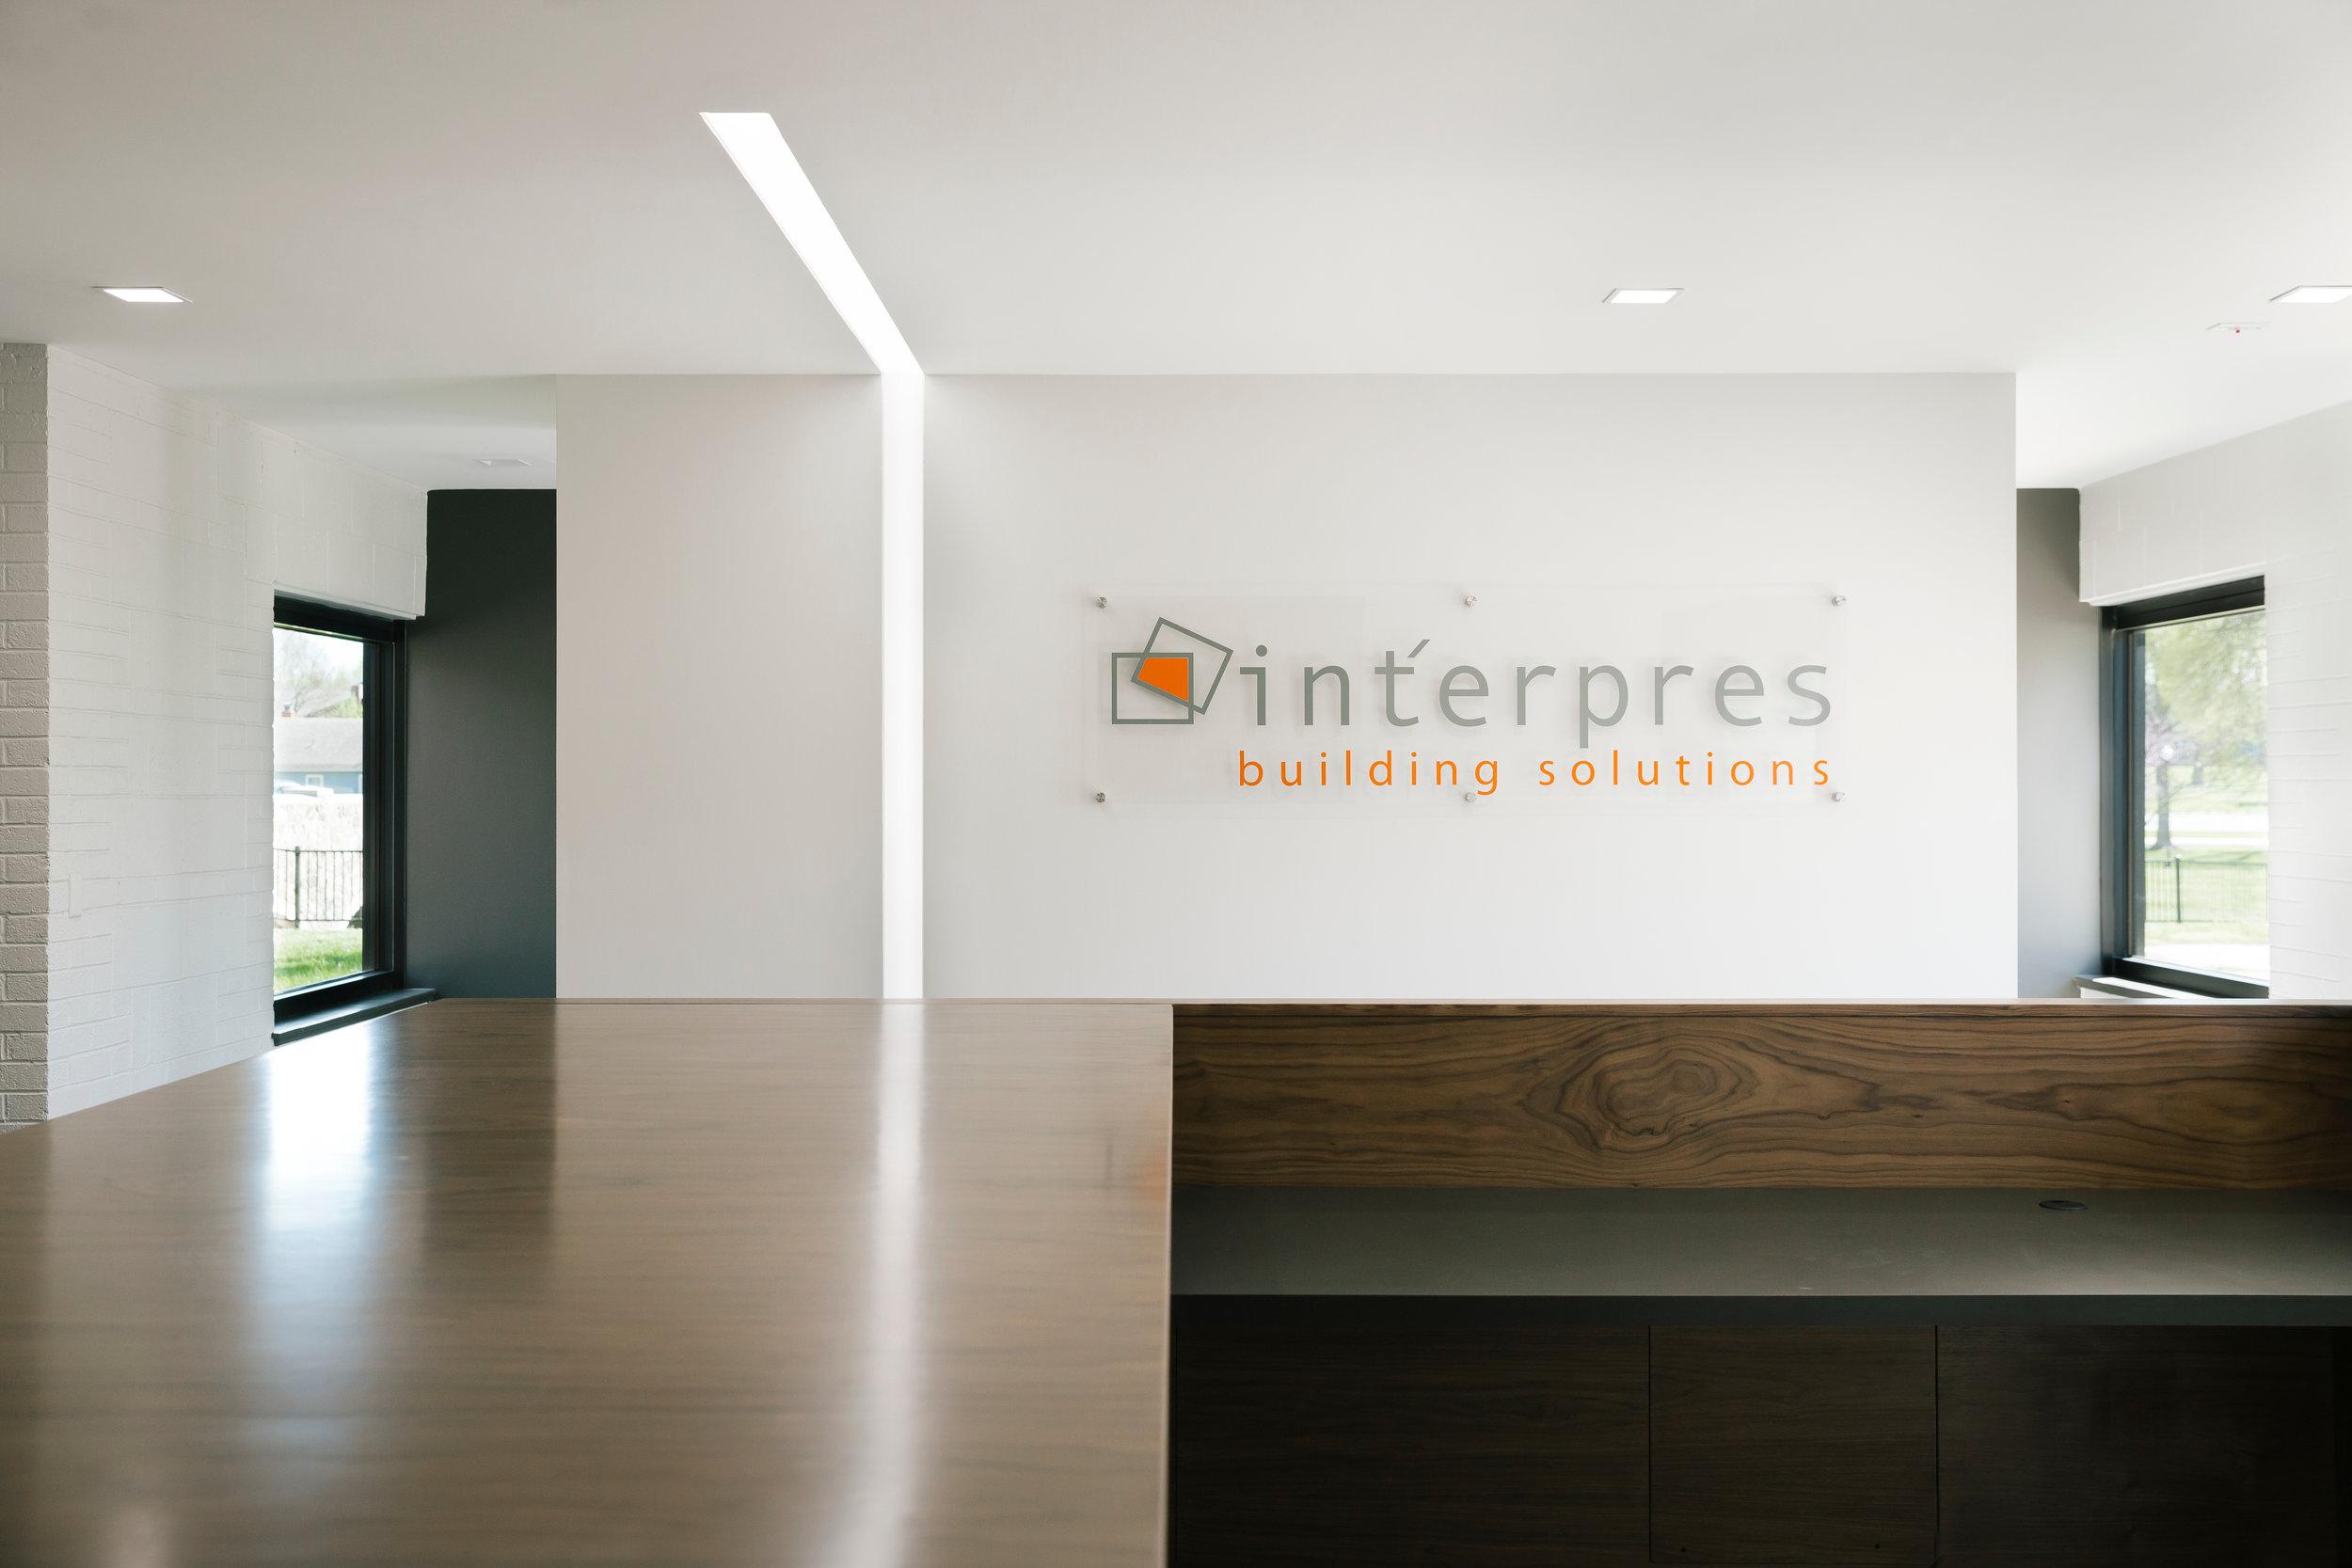 Interpres_interior04.jpg